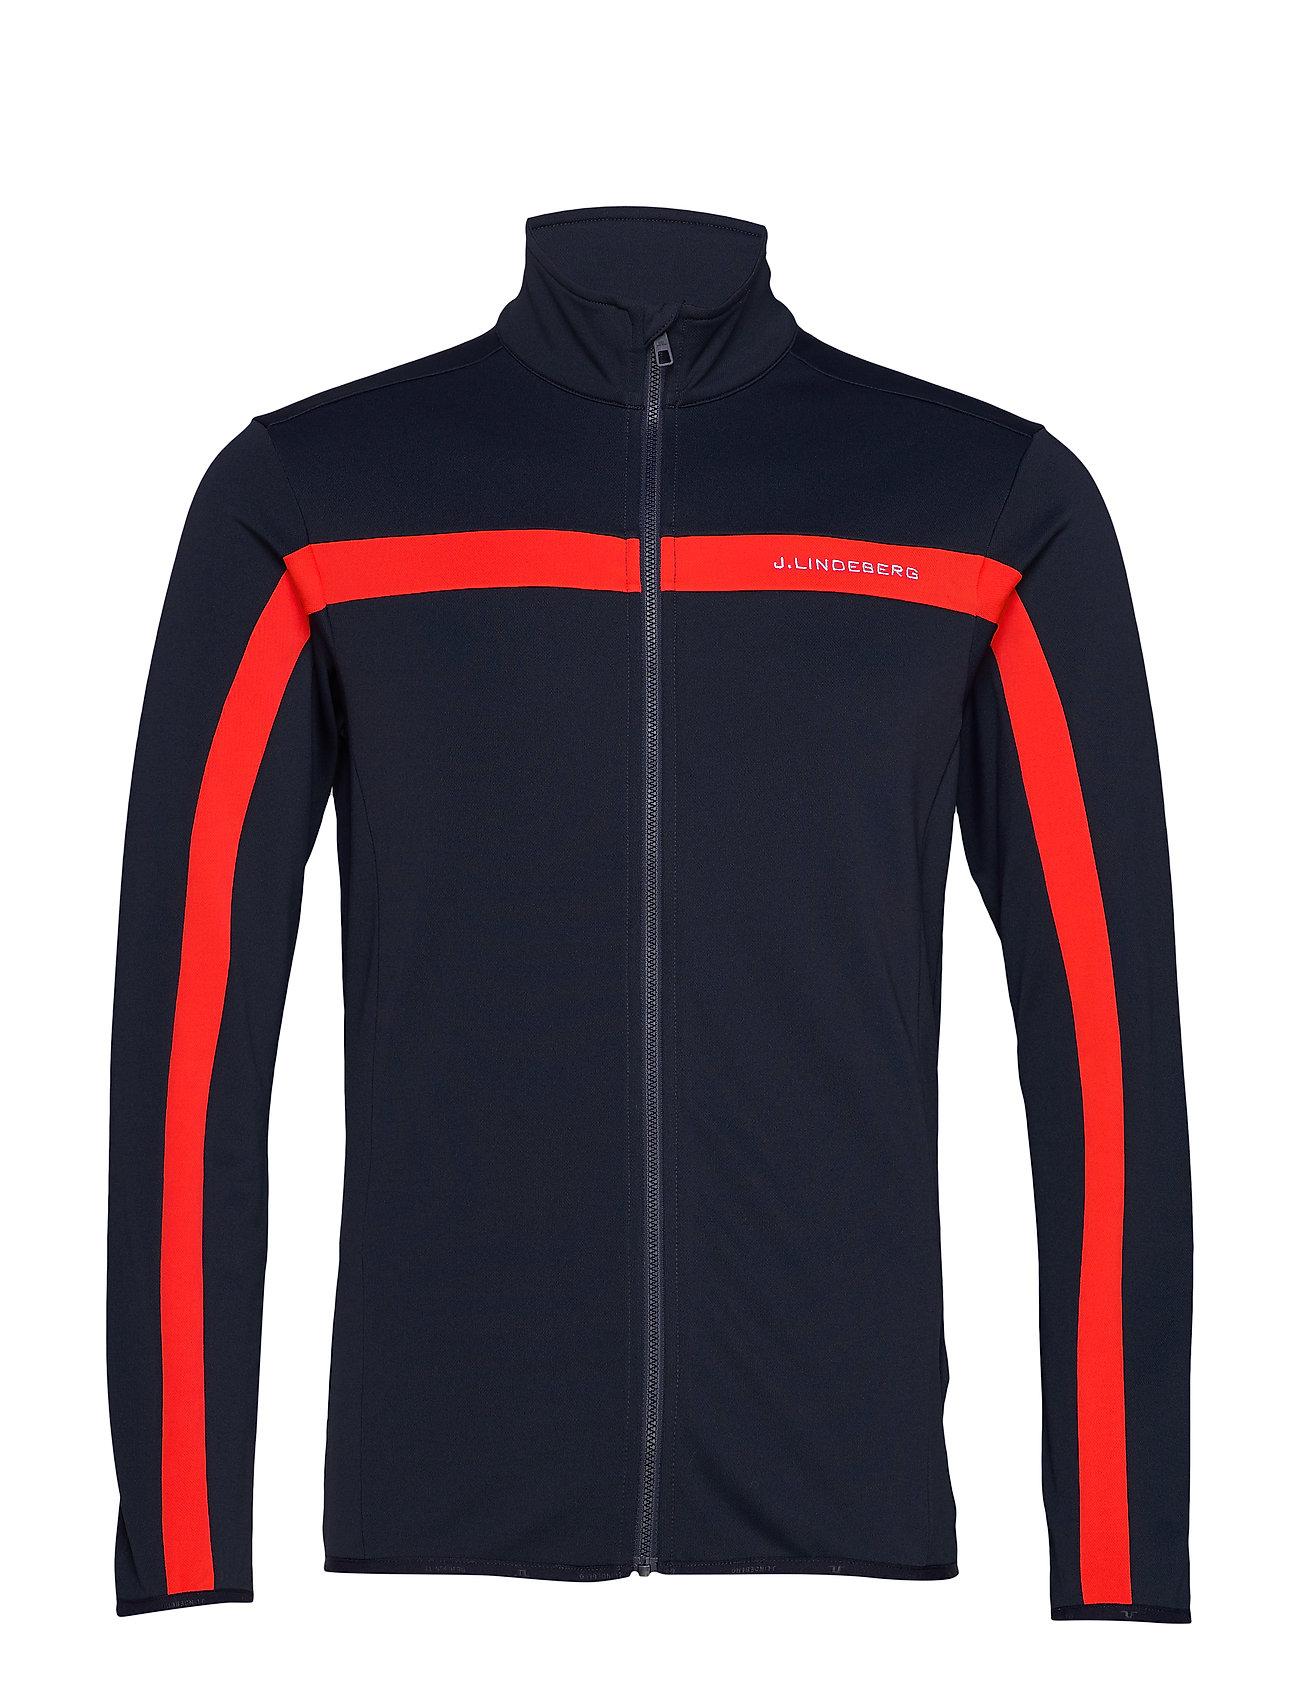 J. Lindeberg Ski Kimball Jarvis Jacket-Brushed - RACING RED